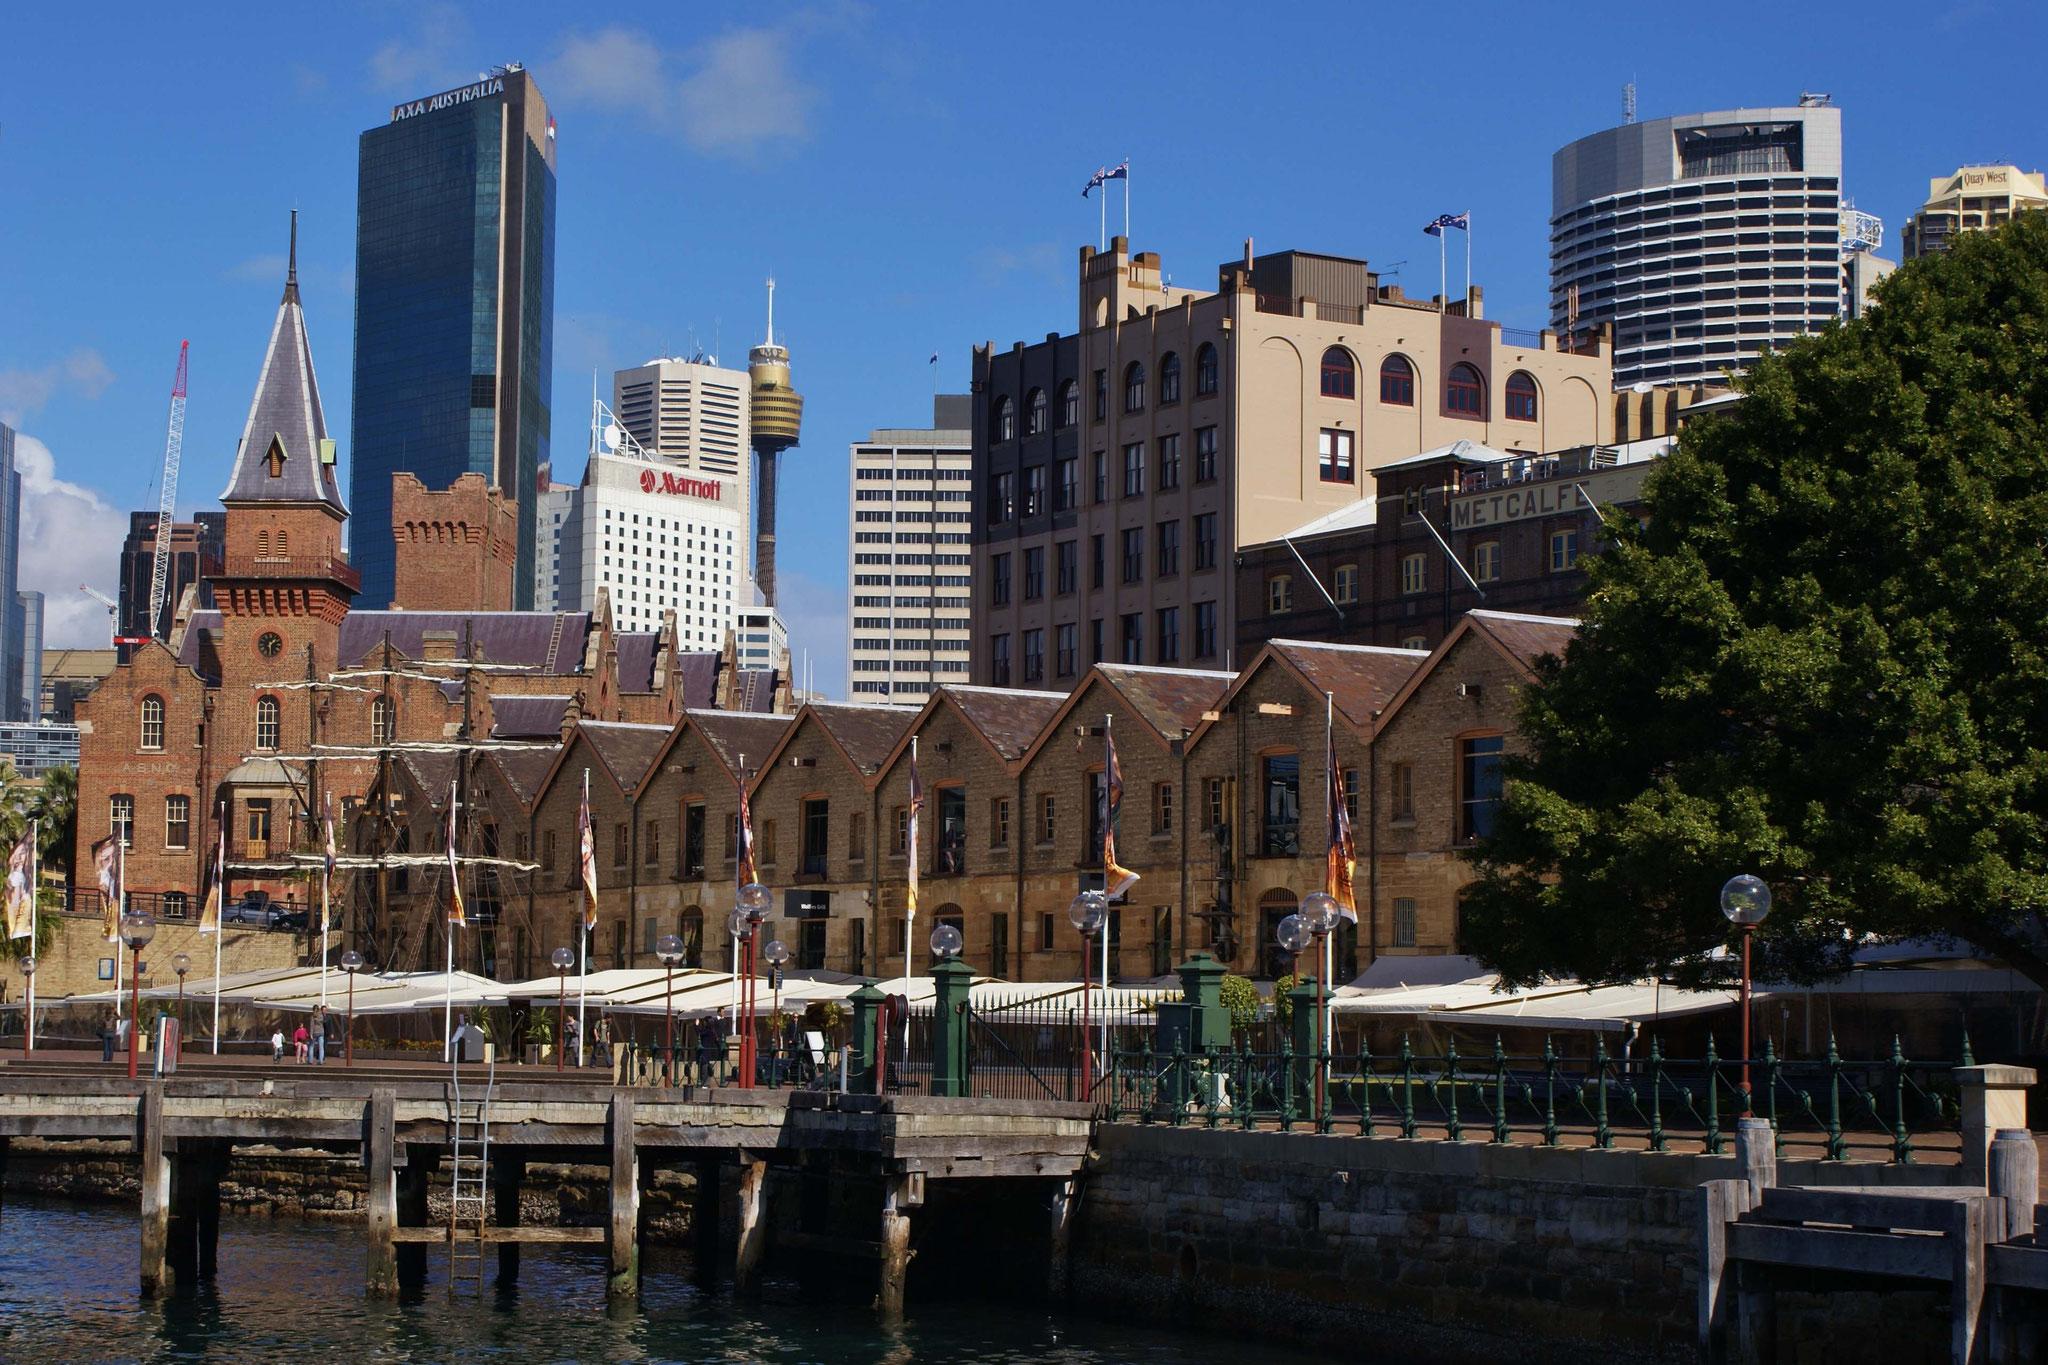 Die Piers sind luxuriös wieder hergerichtet - Ende des letzten Jahrhunderts teilweise sehr verrufene Gegend.